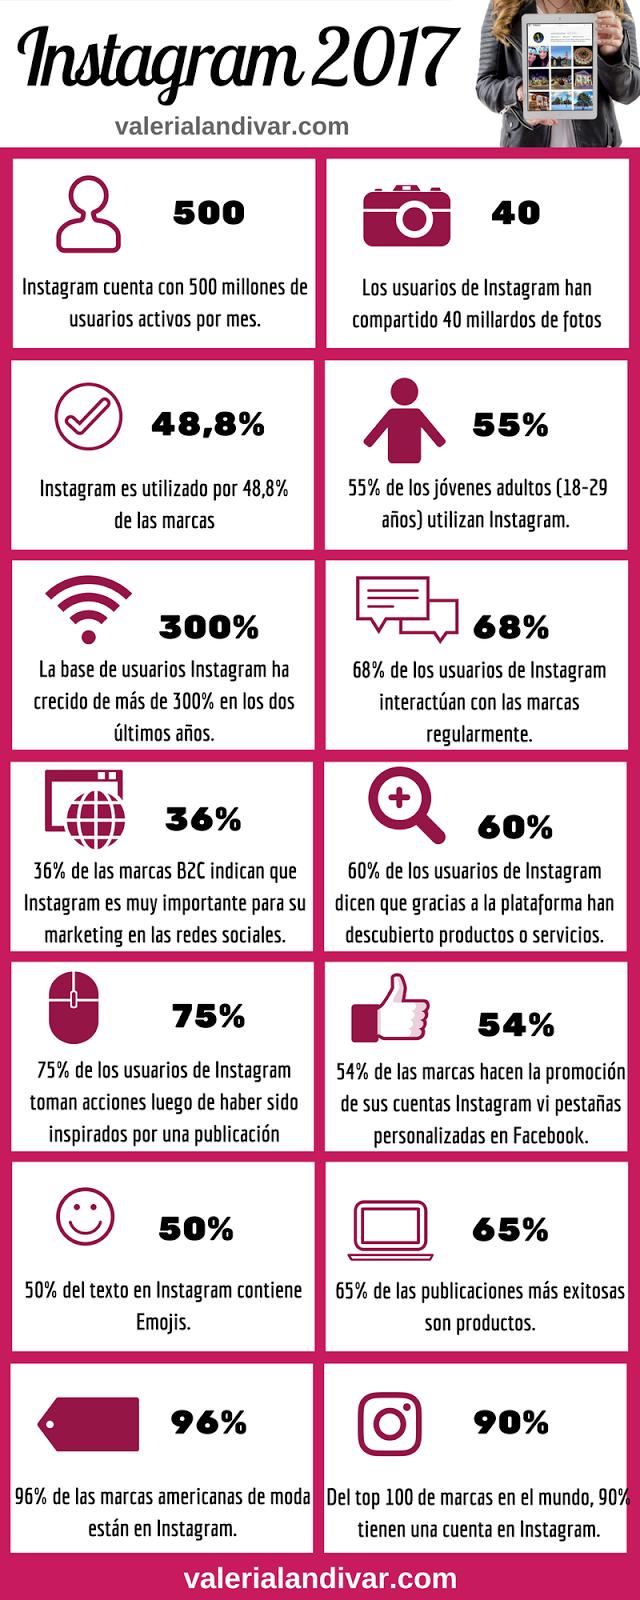 Datos clave sobre Instagram